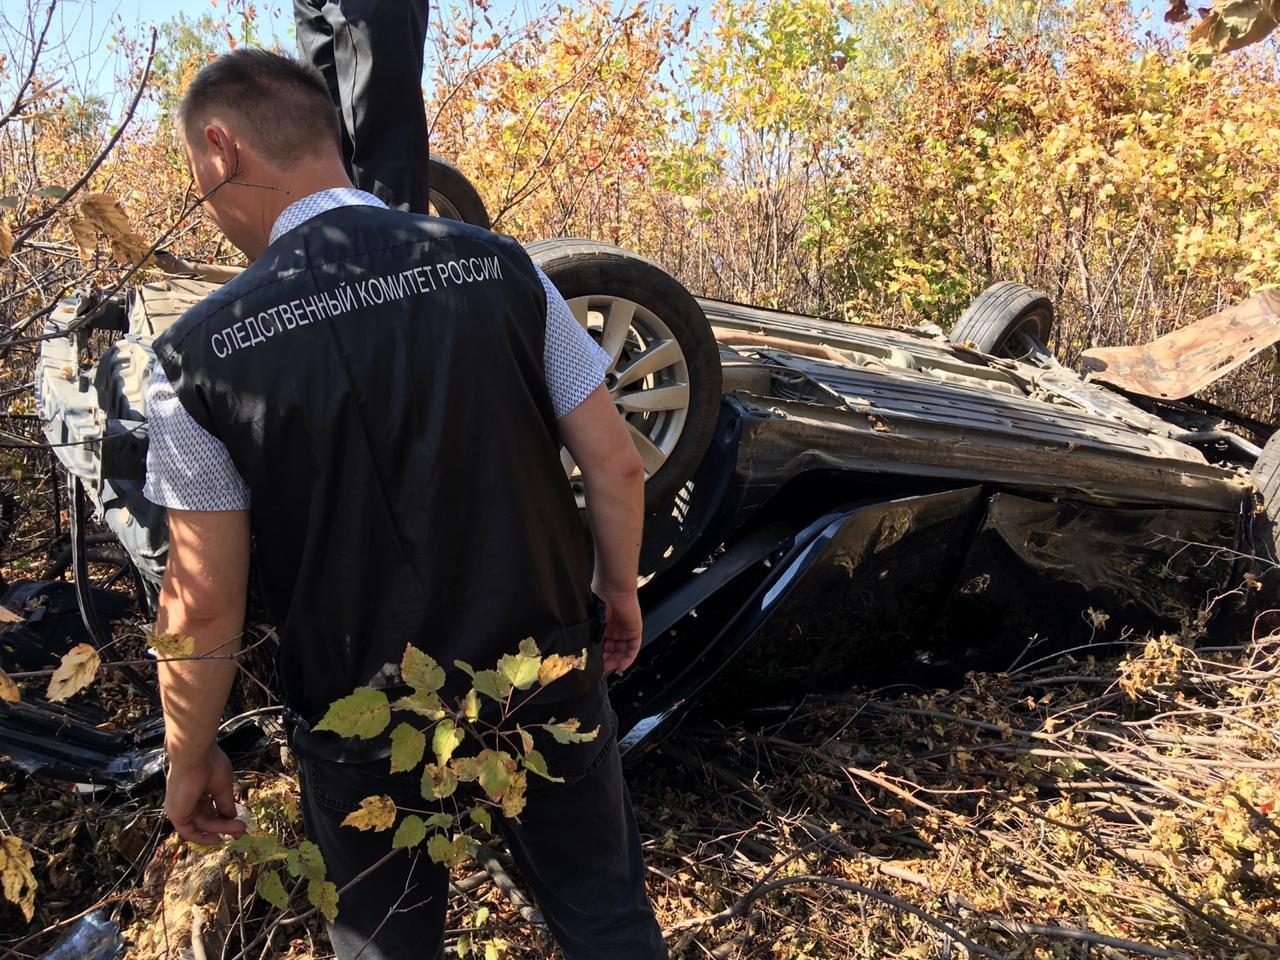 Пропавших без вести парня и девушку из Котовска обнаружили мёртвыми спустя две недели, фото-1